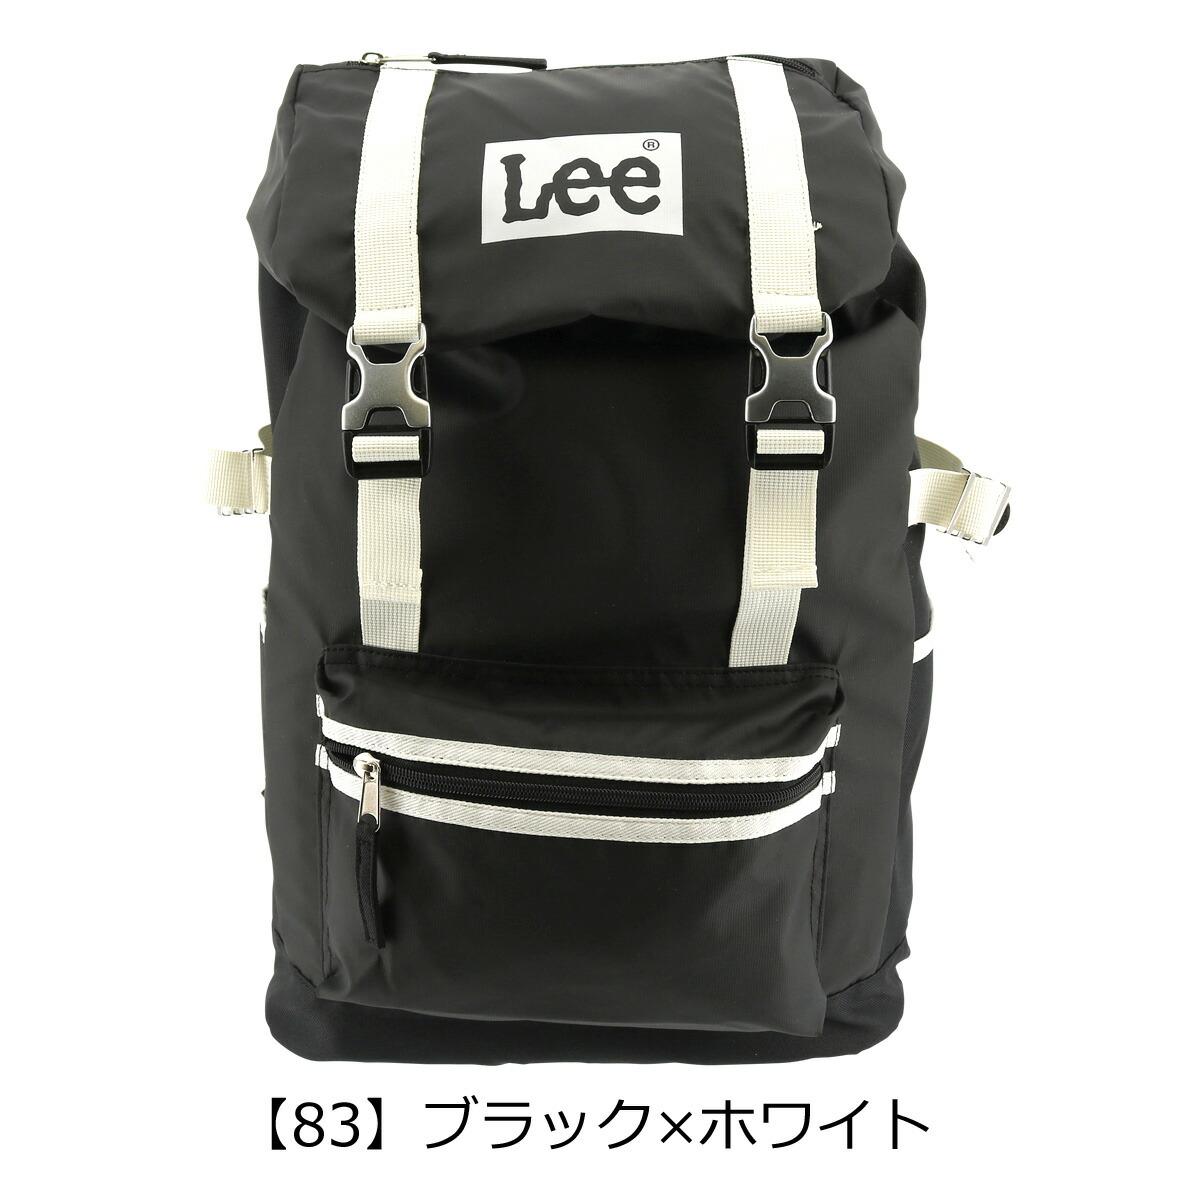 【83】ブラック/ホワイト